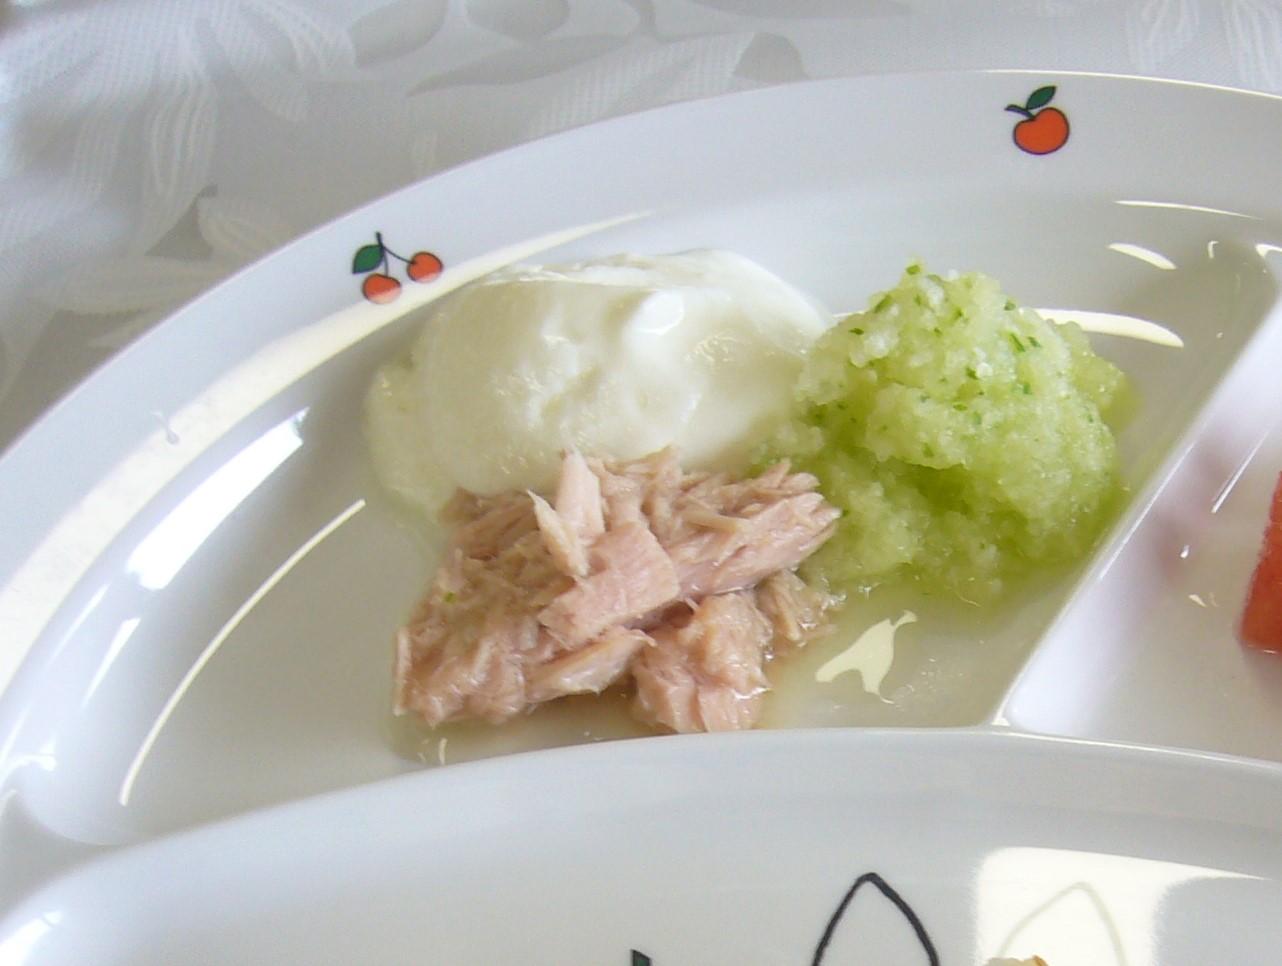 離乳食 ツナときゅうりのサラダ(9か月から11か月頃)